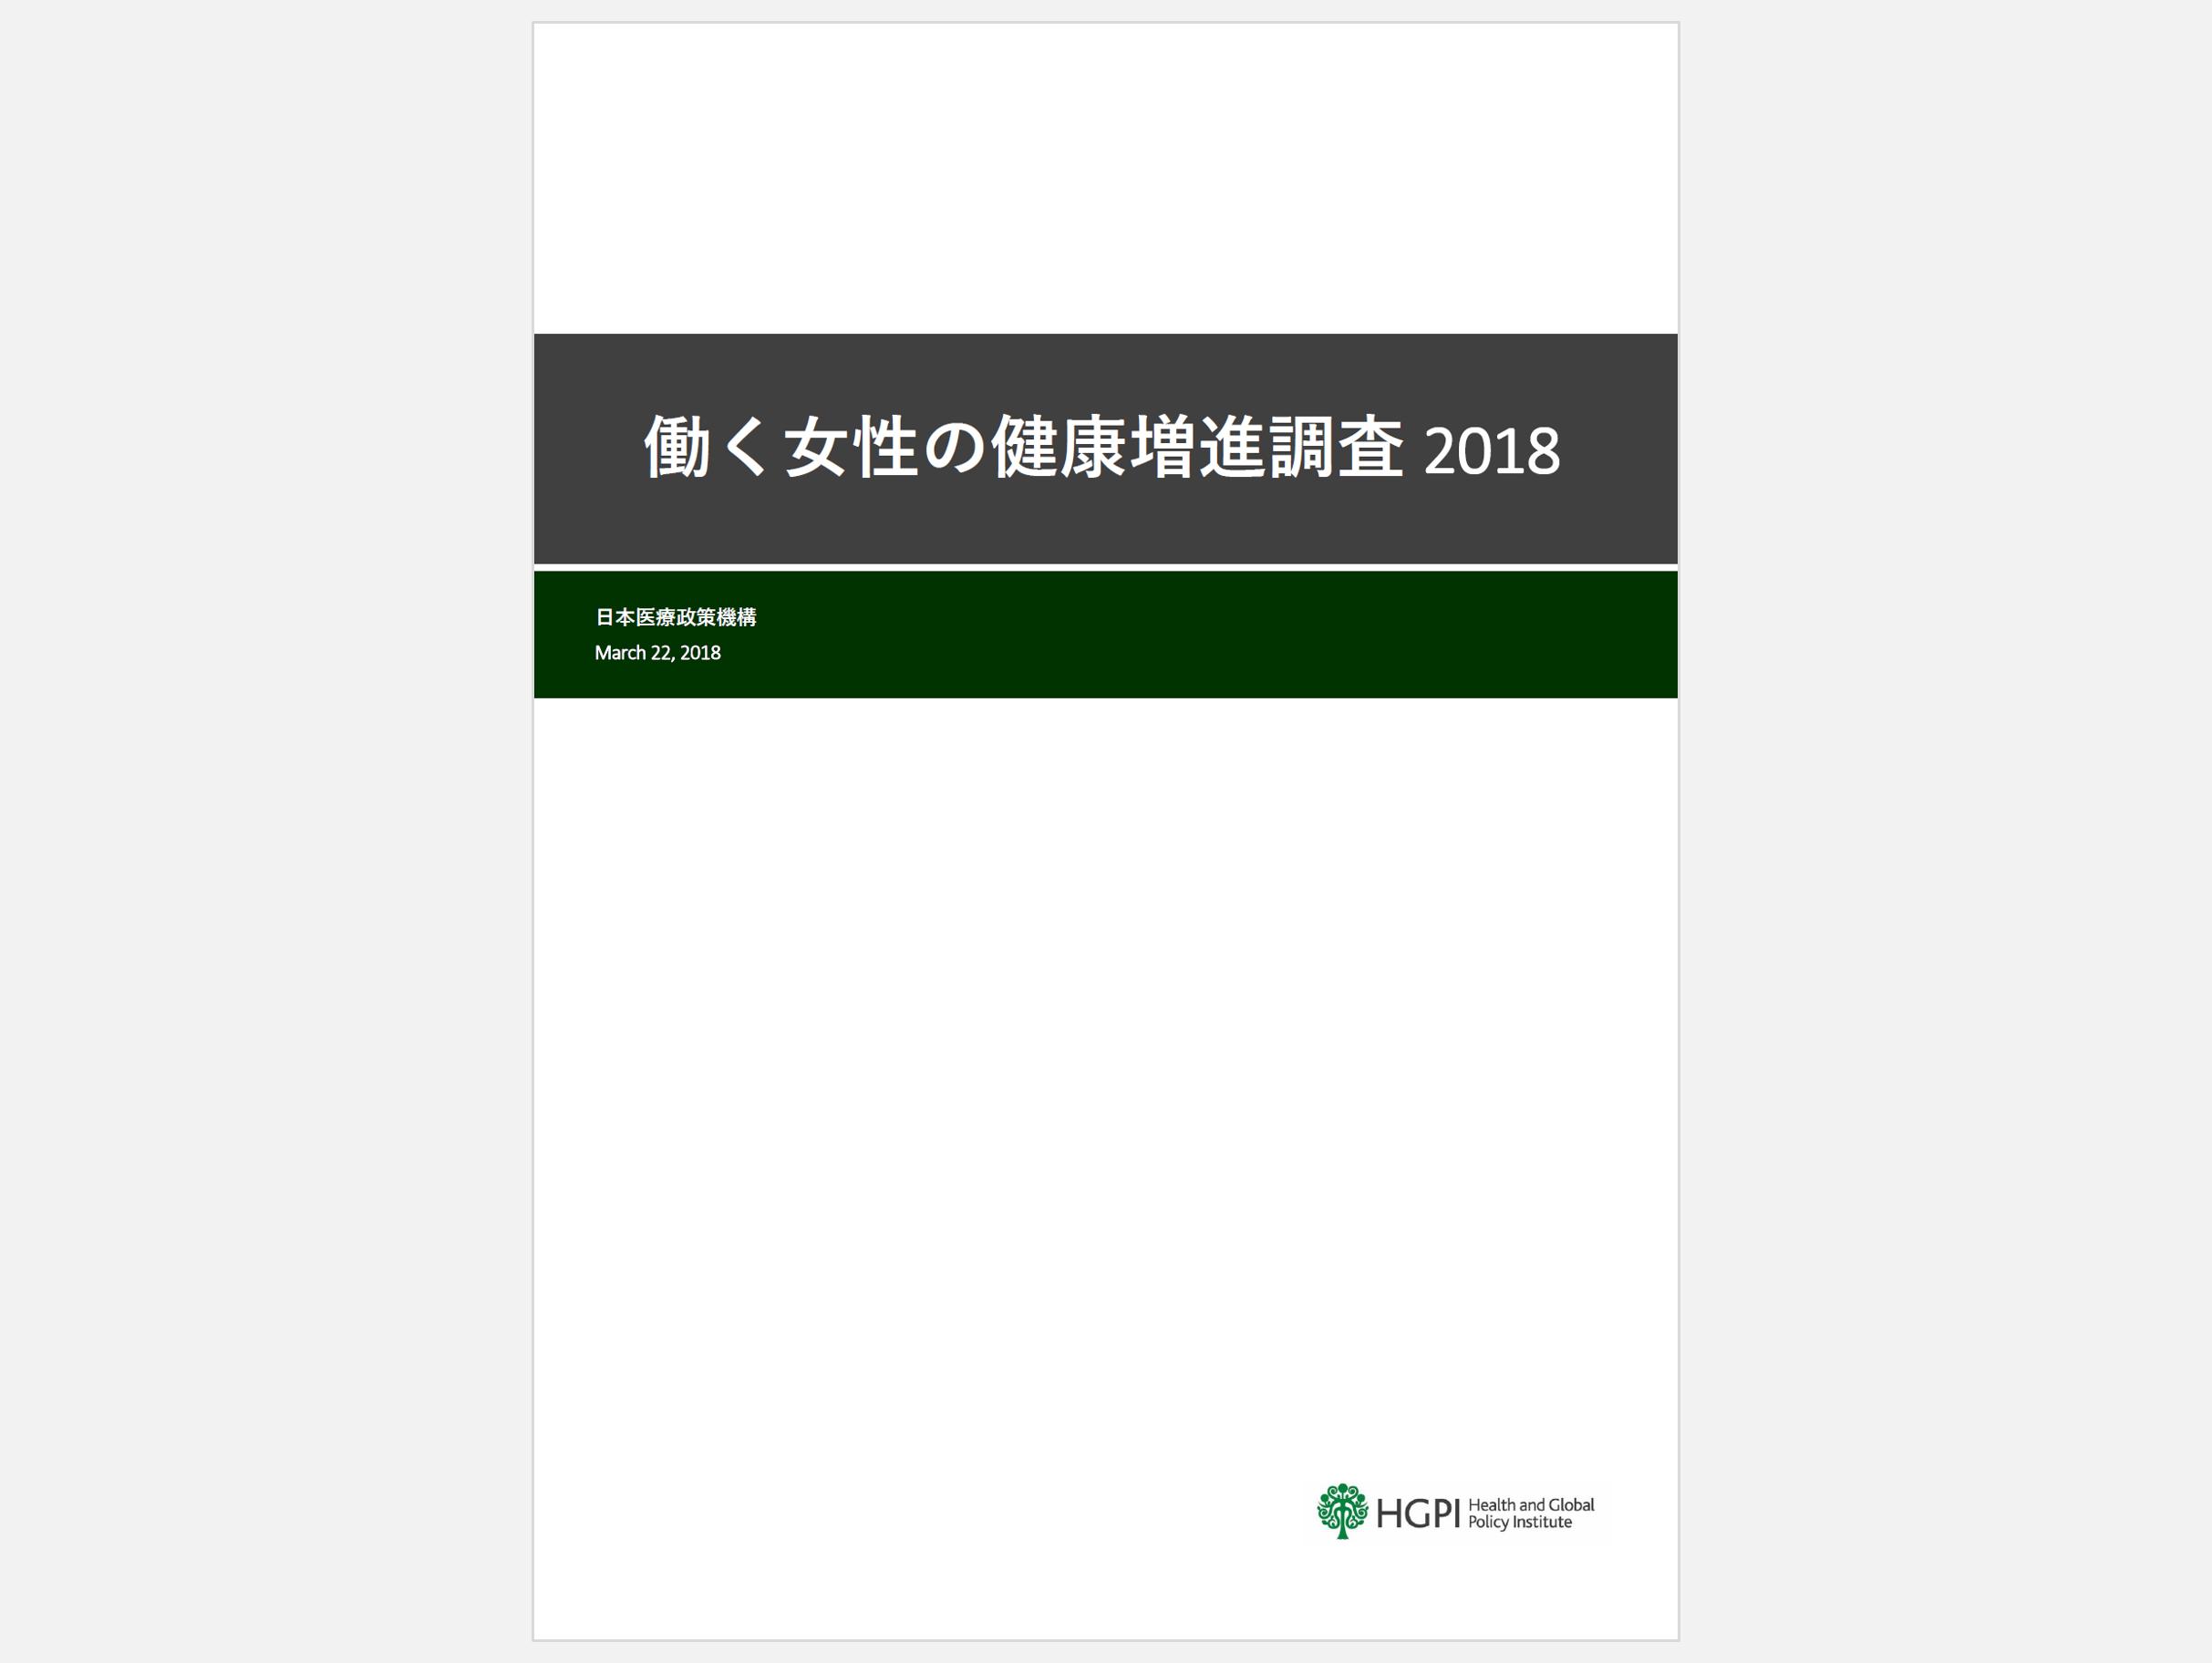 【調査報告】「働く女性の健康増進に関する調査2018(最終報告)」